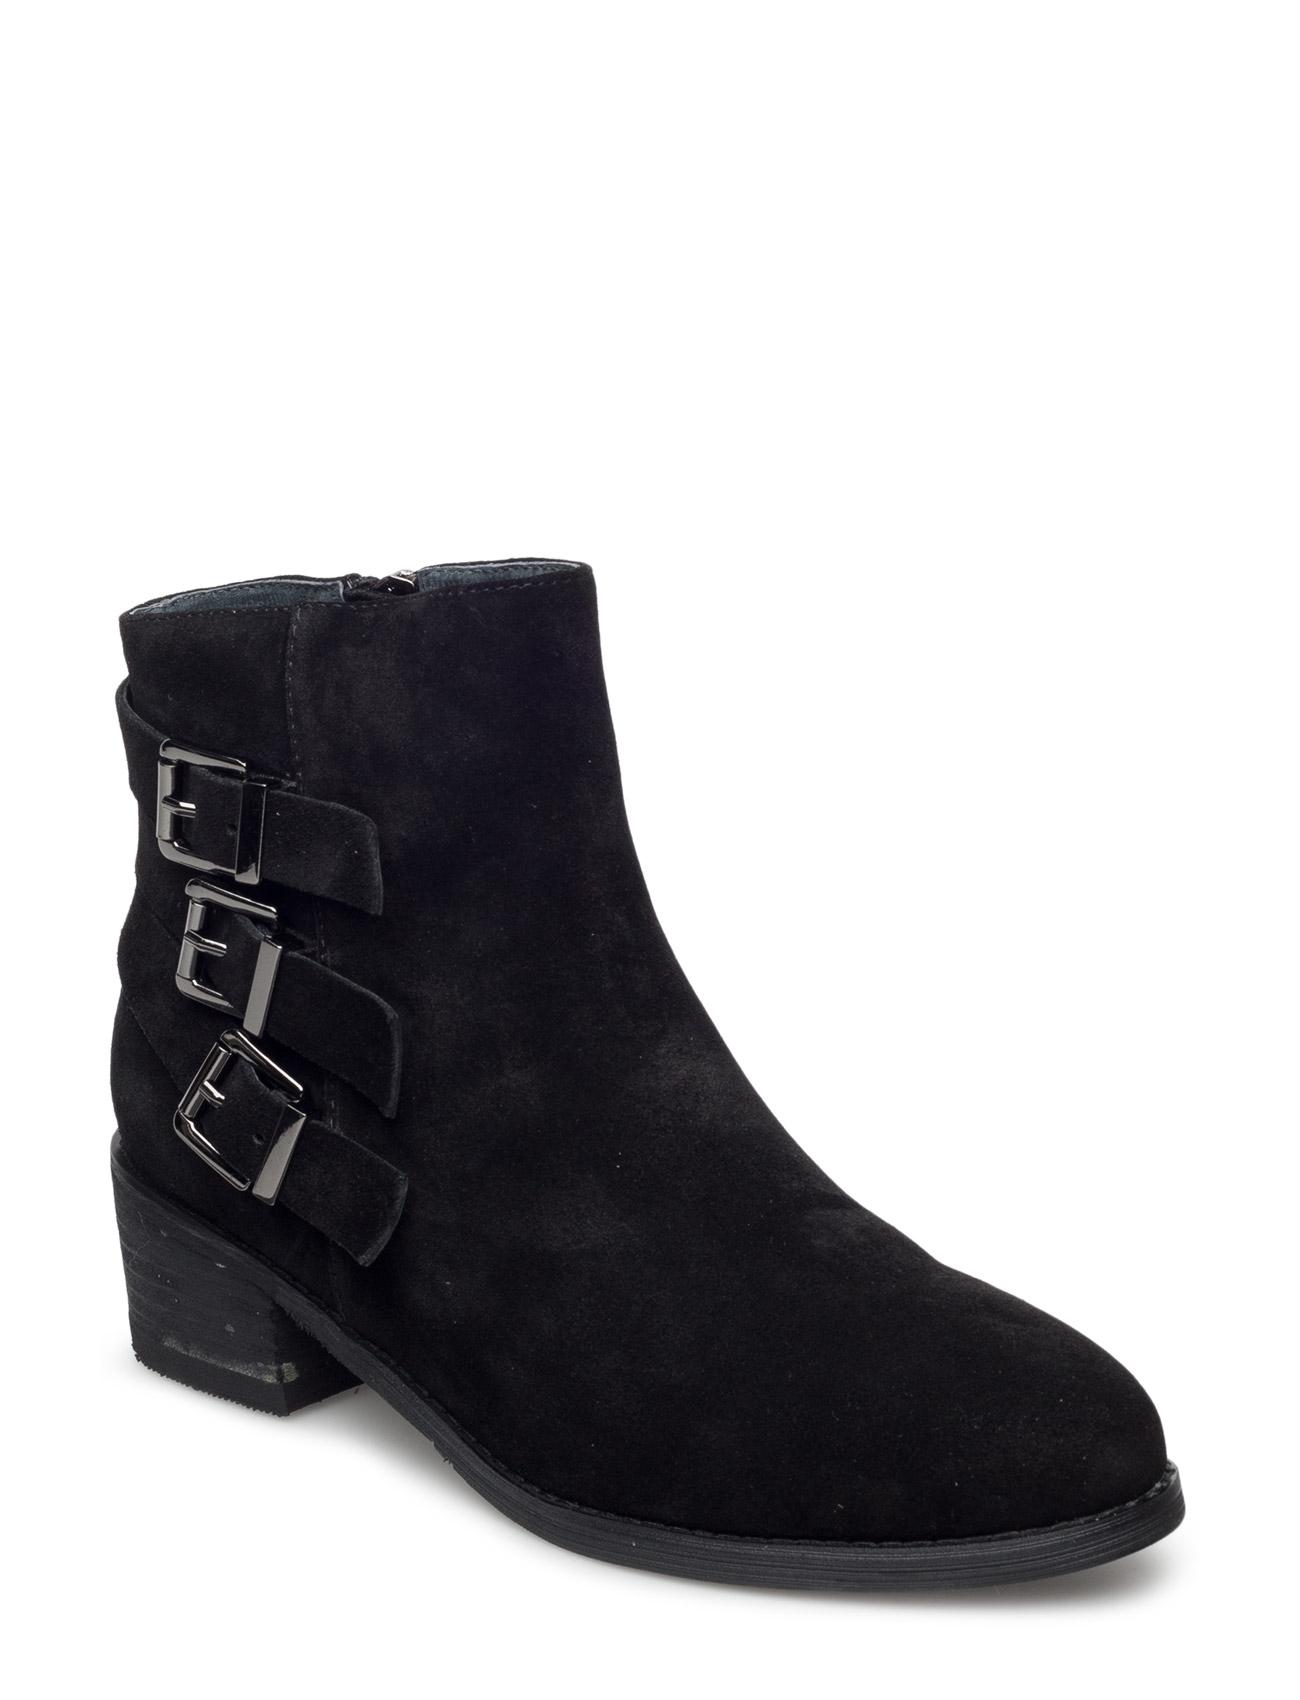 Charis Boot Stylesnob Støvler til Damer i Sort